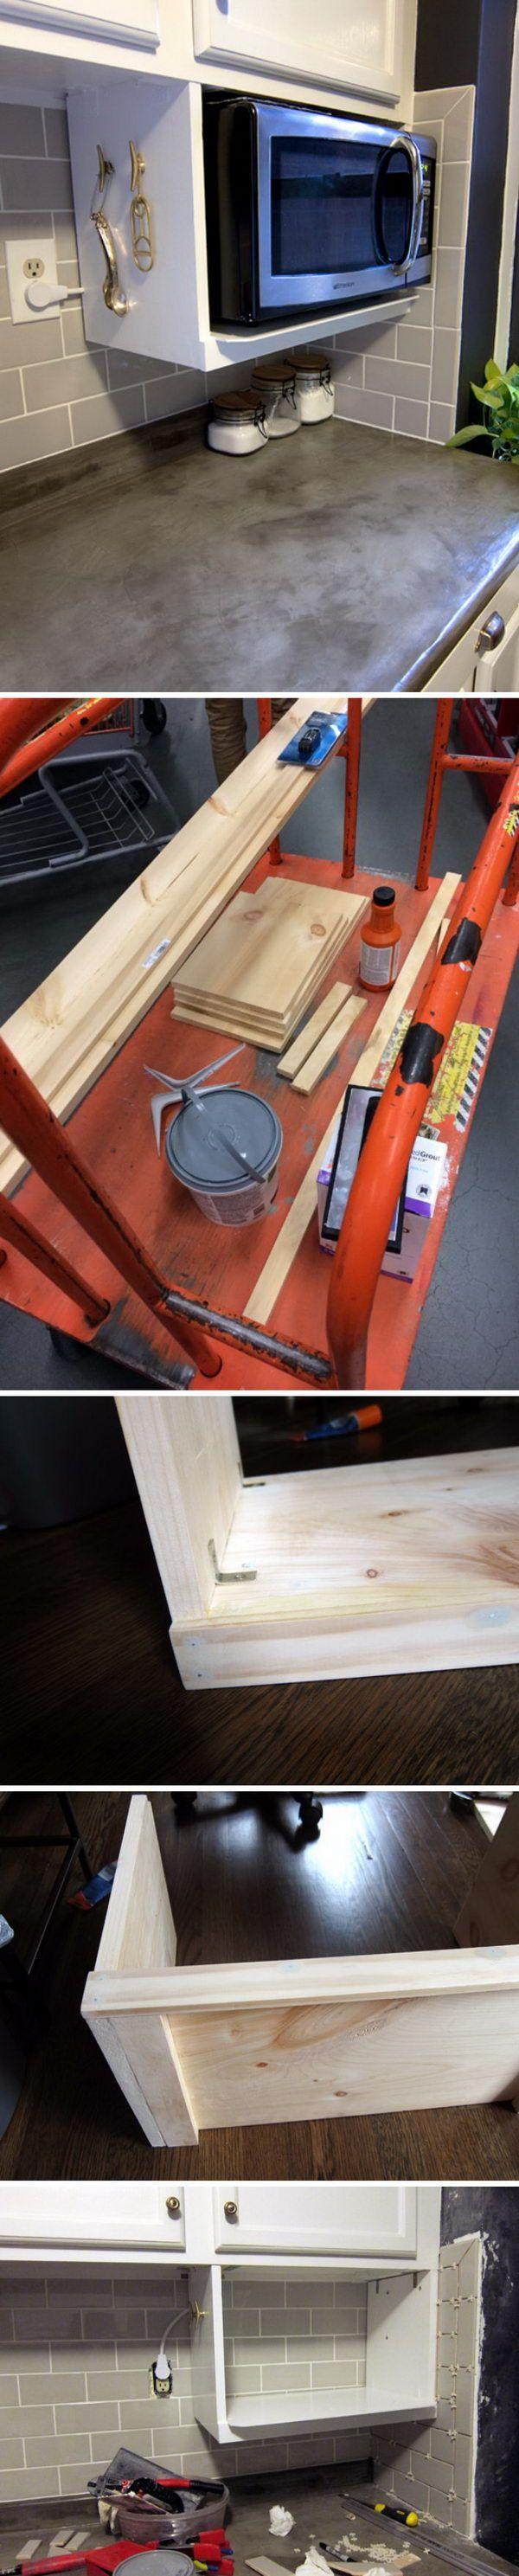 DIY Shelf for Extra Storage Under Kitchen Cabinet.